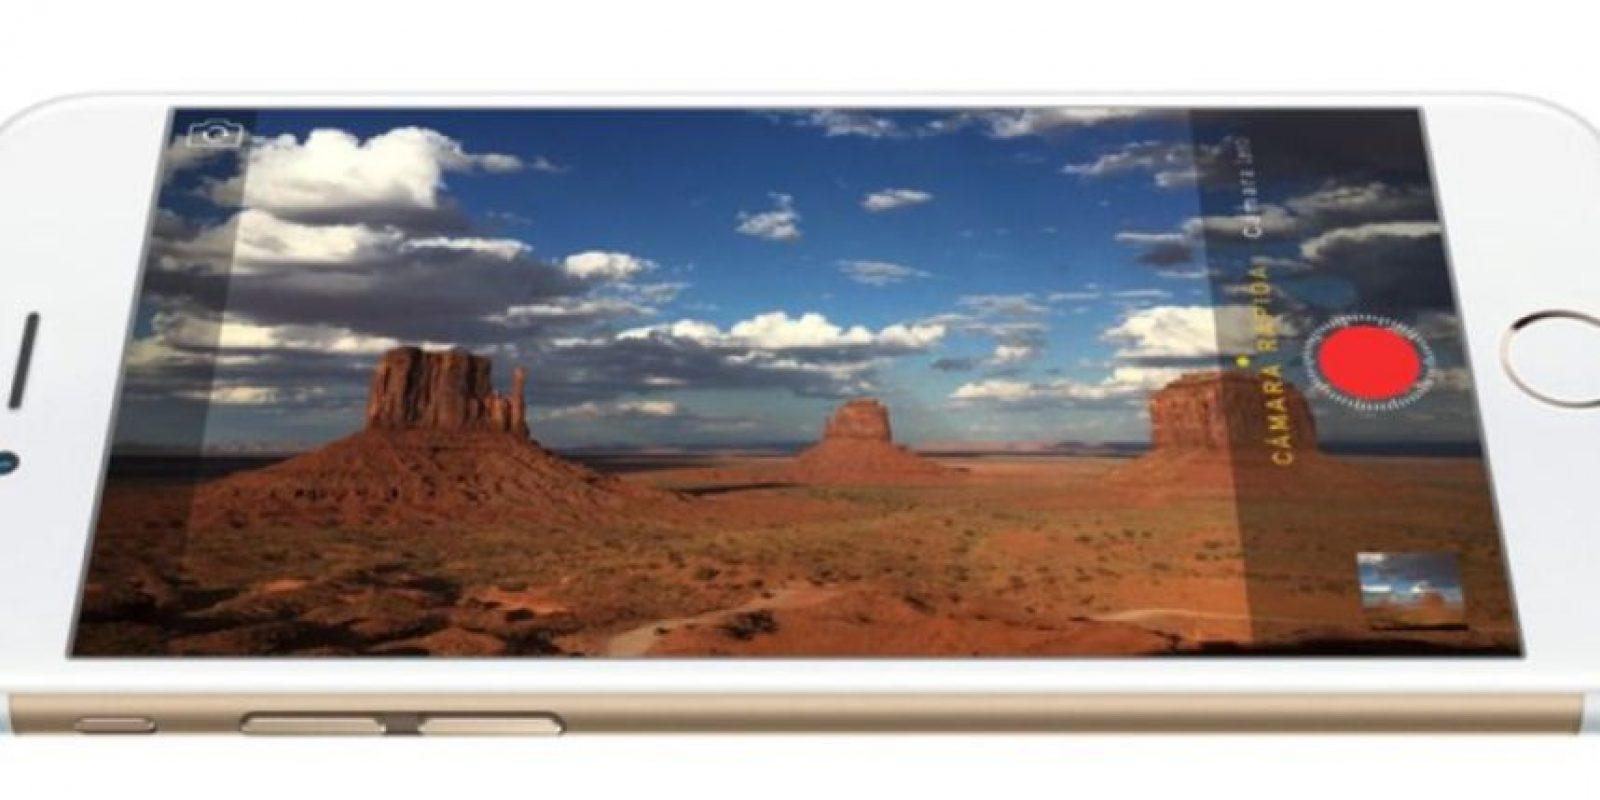 Todo indica que el iPhone 6s tendrá el mismo diseño que el iPhone 6s. Foto: Apple